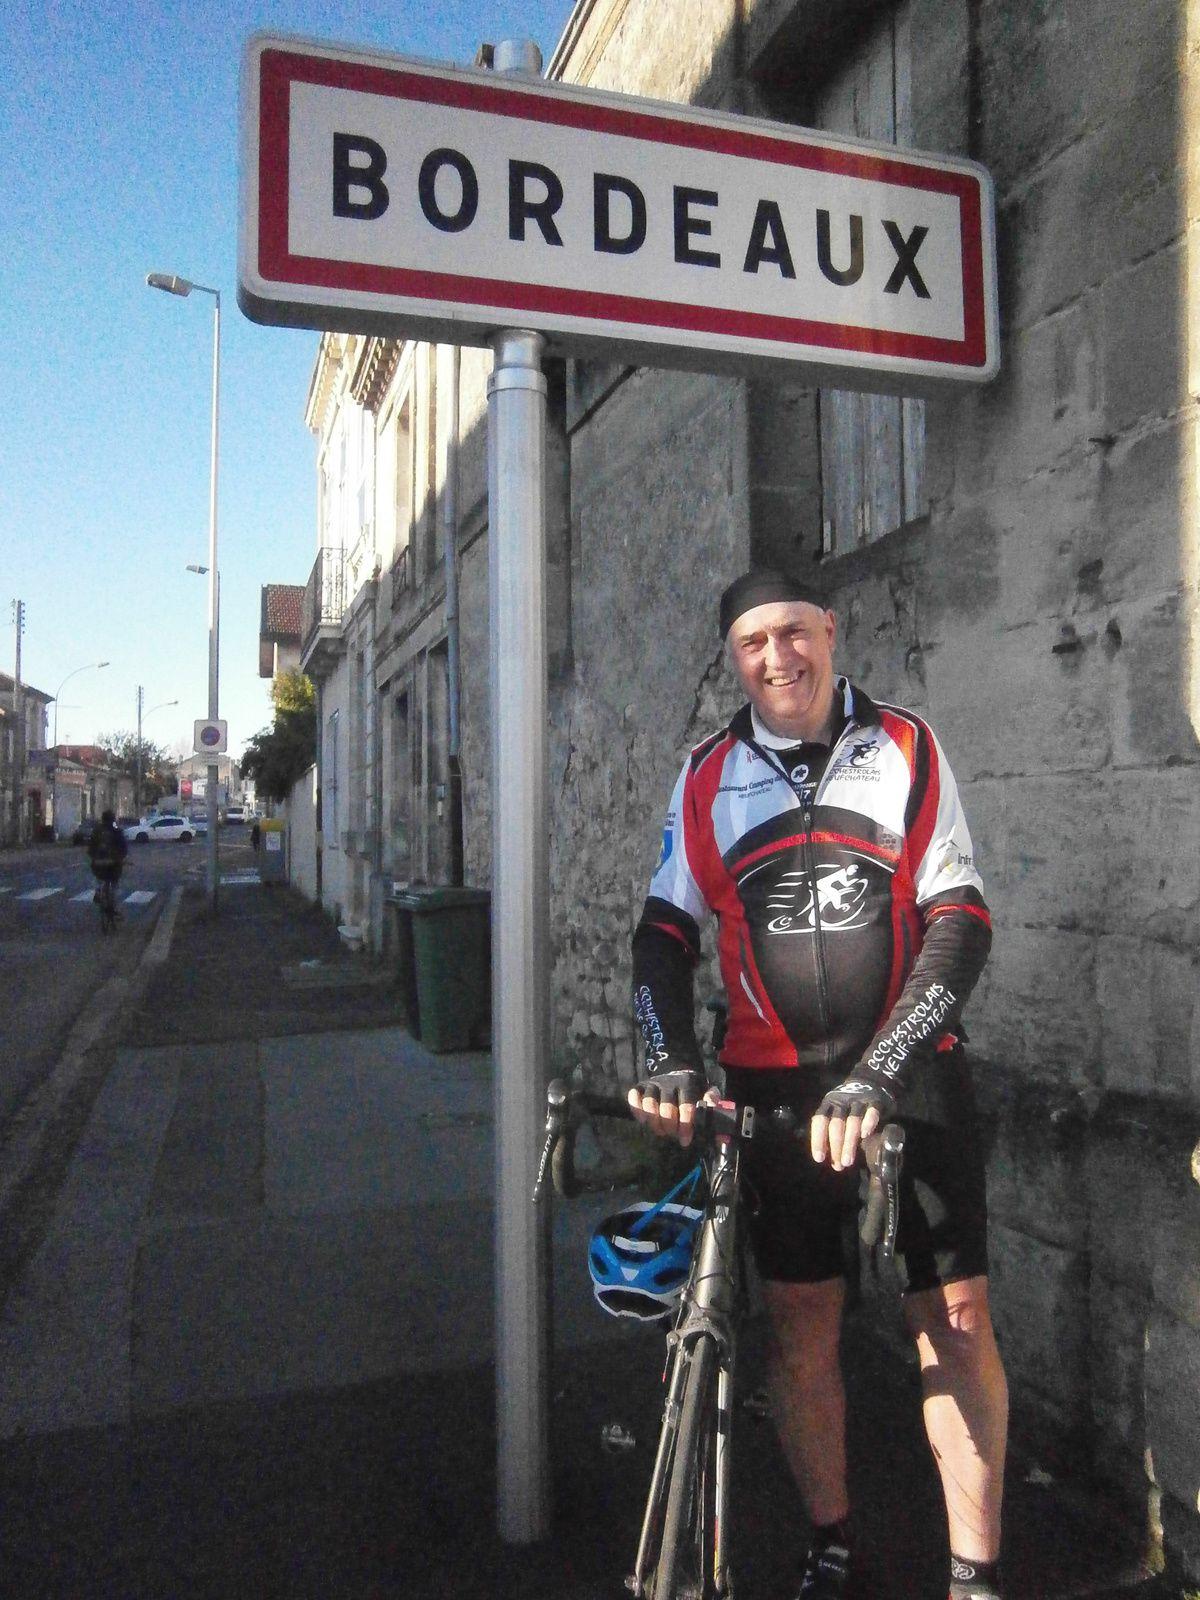 Arrivé à Bordeaux